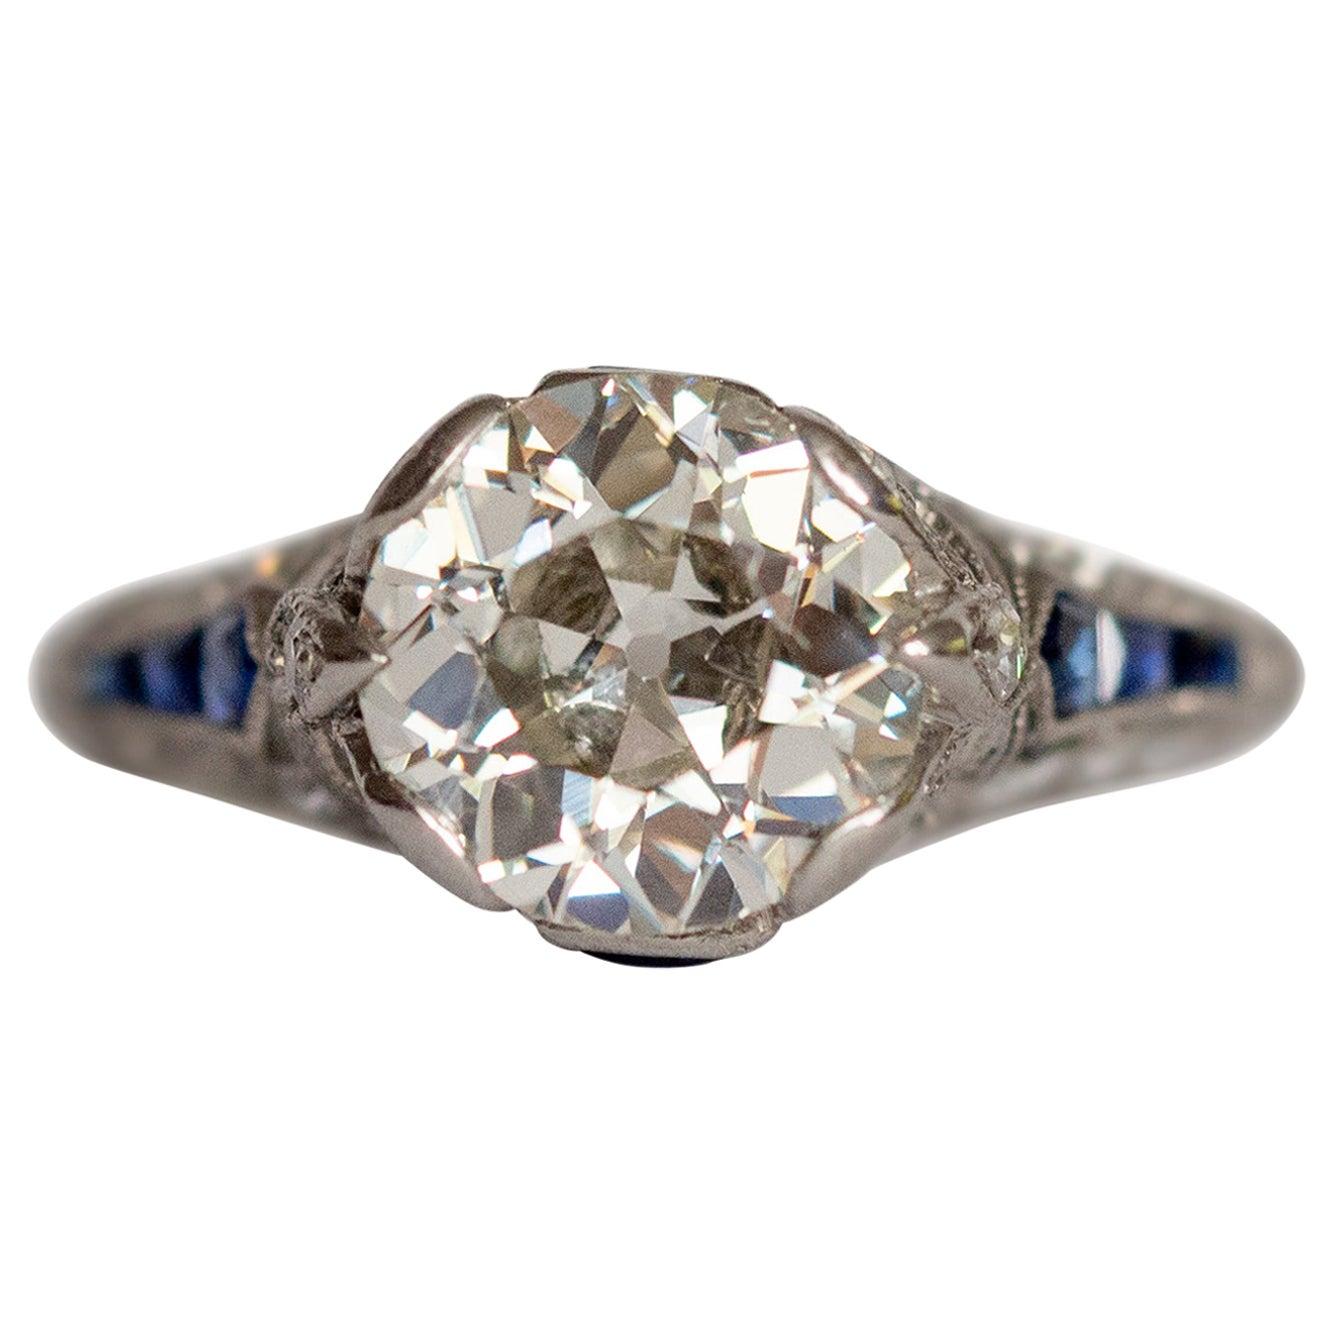 GIA Certified 2.05 Carat Diamond Platinum Engagement Ring